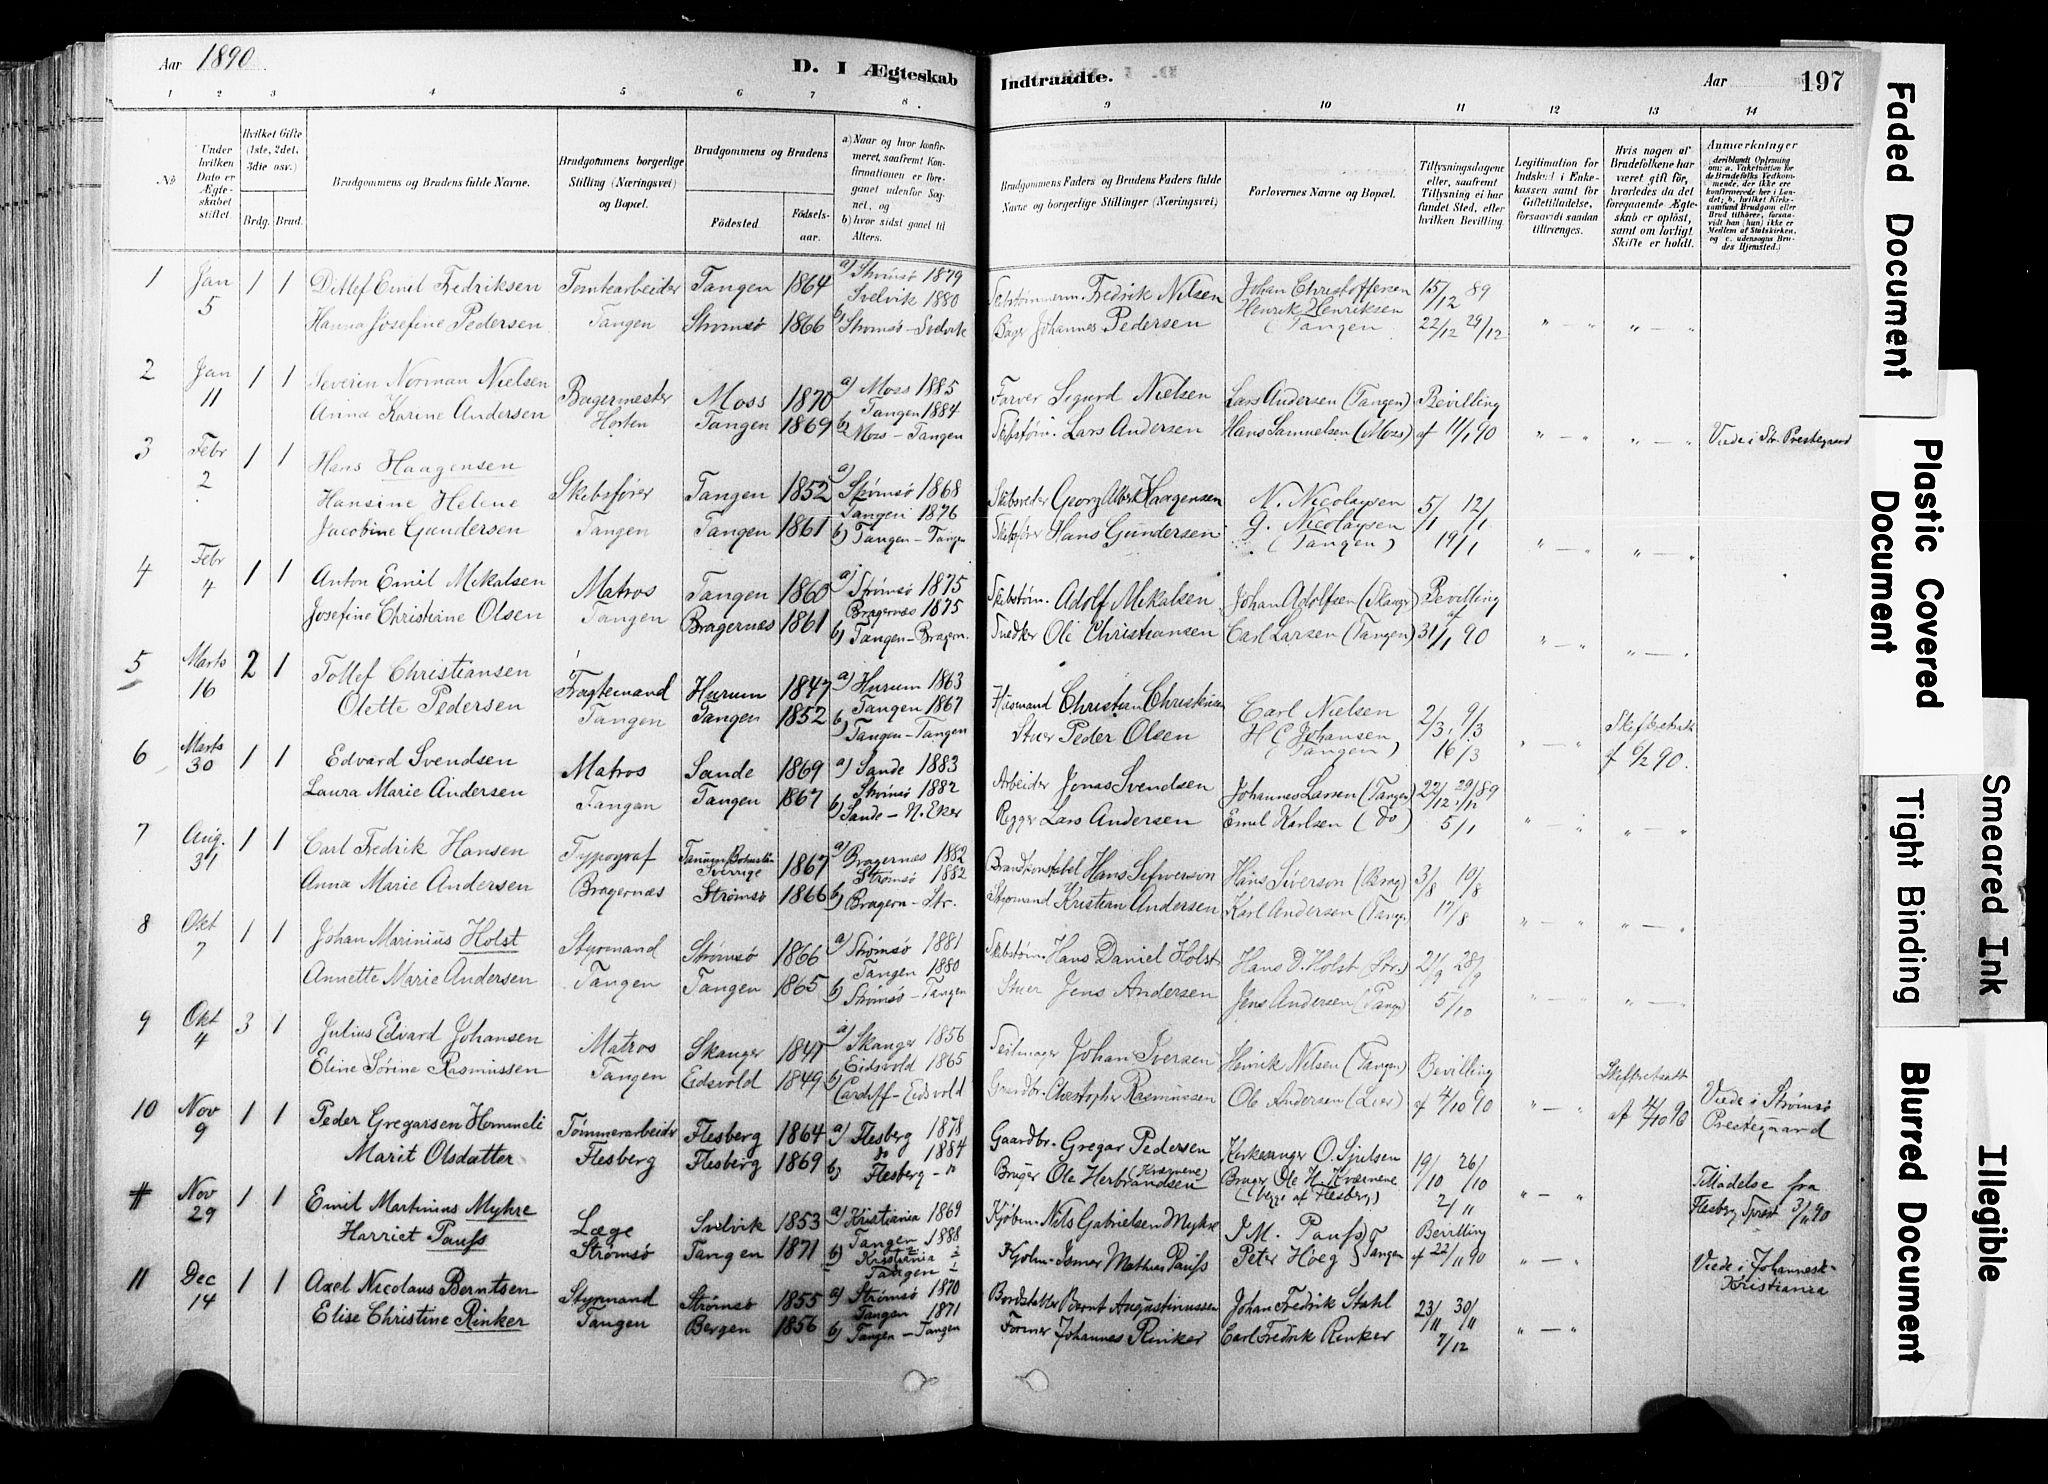 SAKO, Strømsø kirkebøker, F/Fb/L0006: Ministerialbok nr. II 6, 1879-1910, s. 197